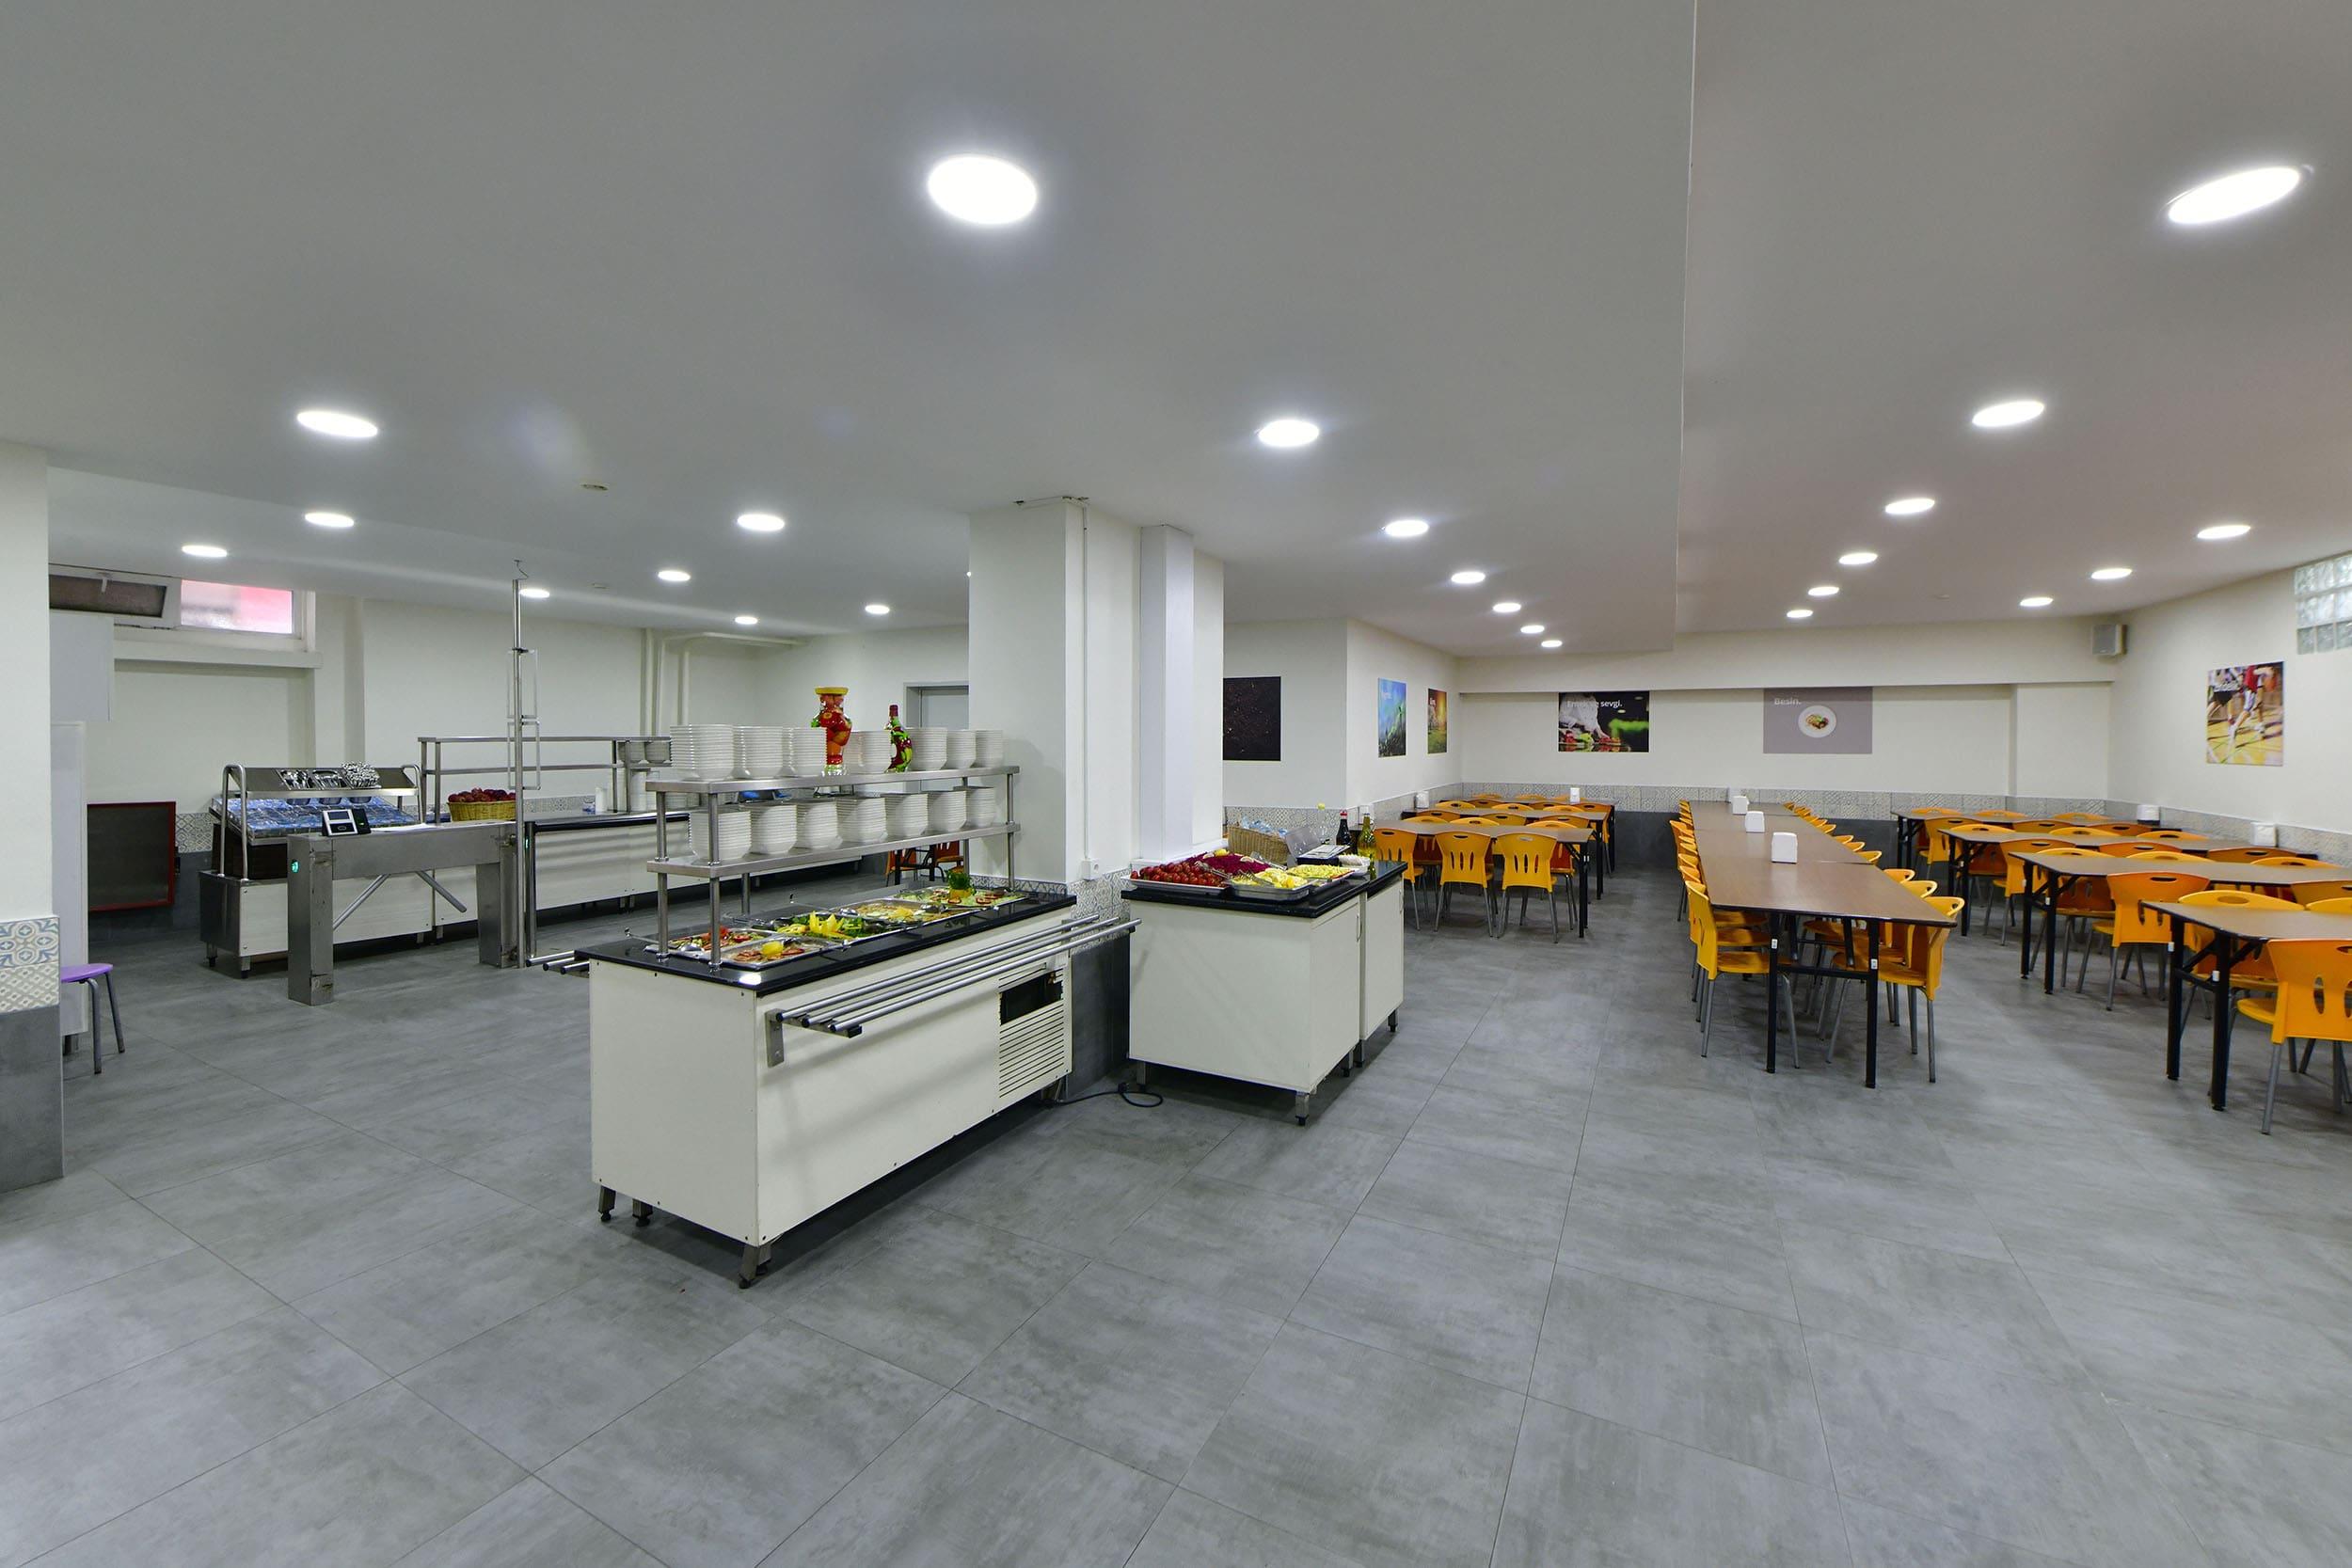 Asfa Eğitim Destek Hizmetleri Yemek Galeri 01